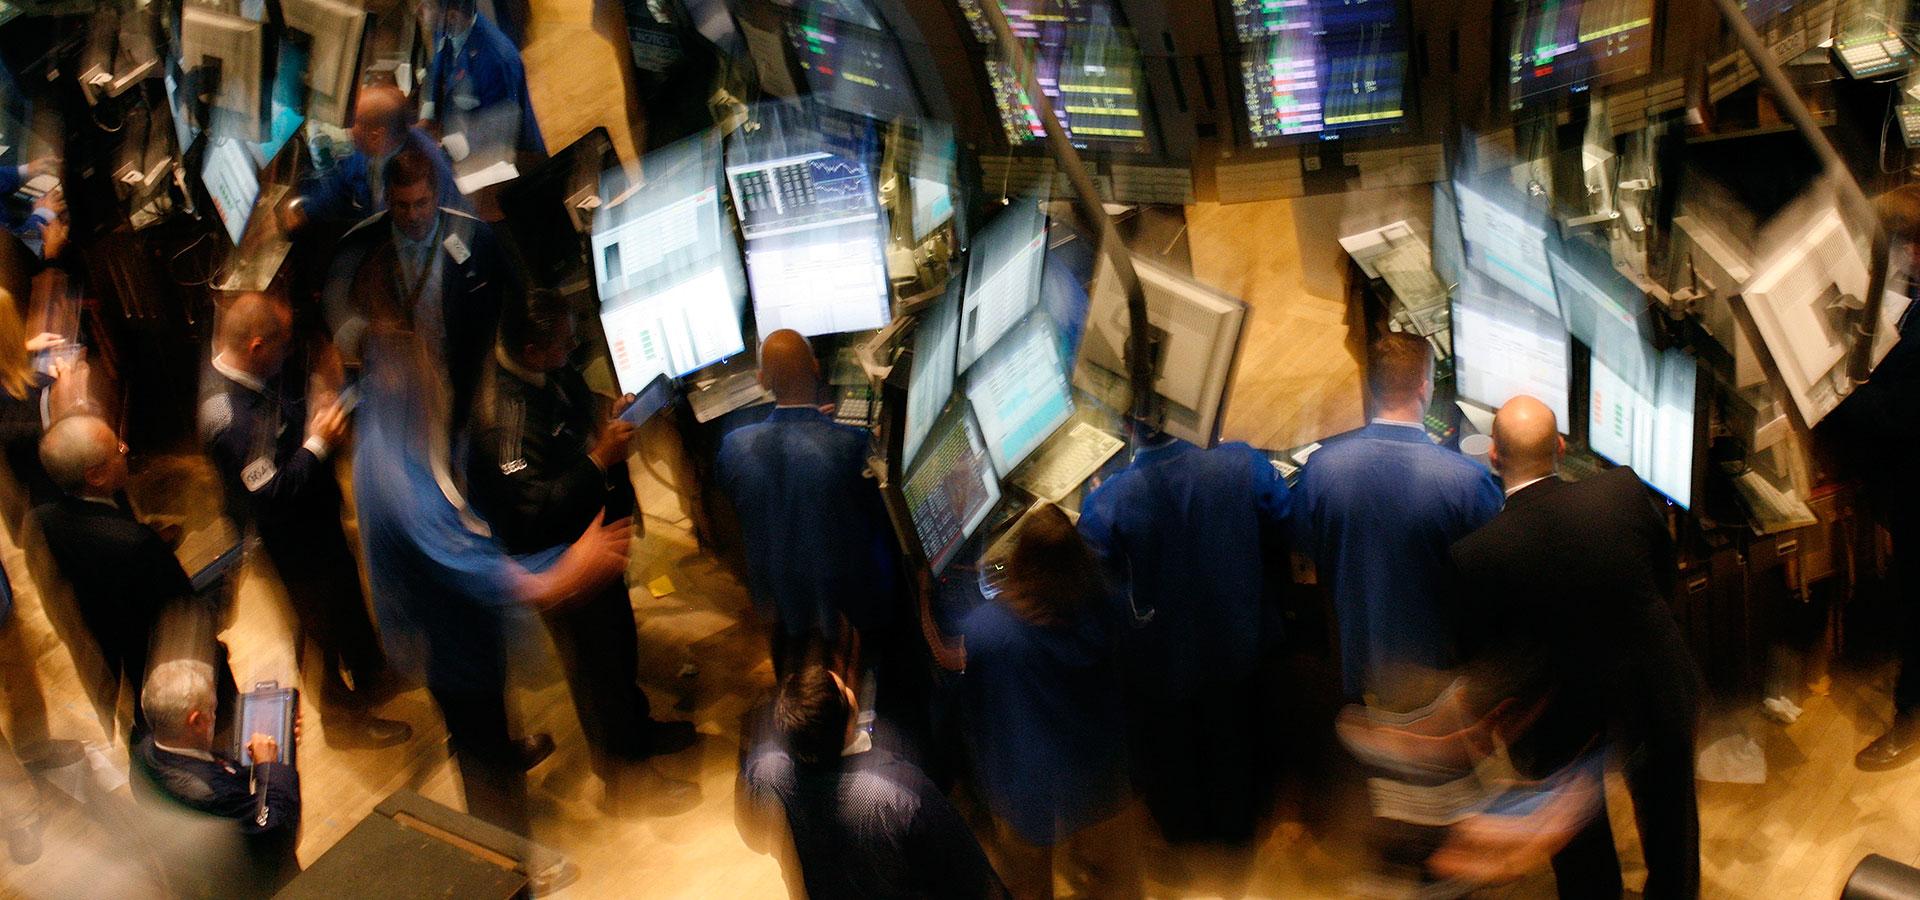 Stock buybacks enrich executive pay even when business sags